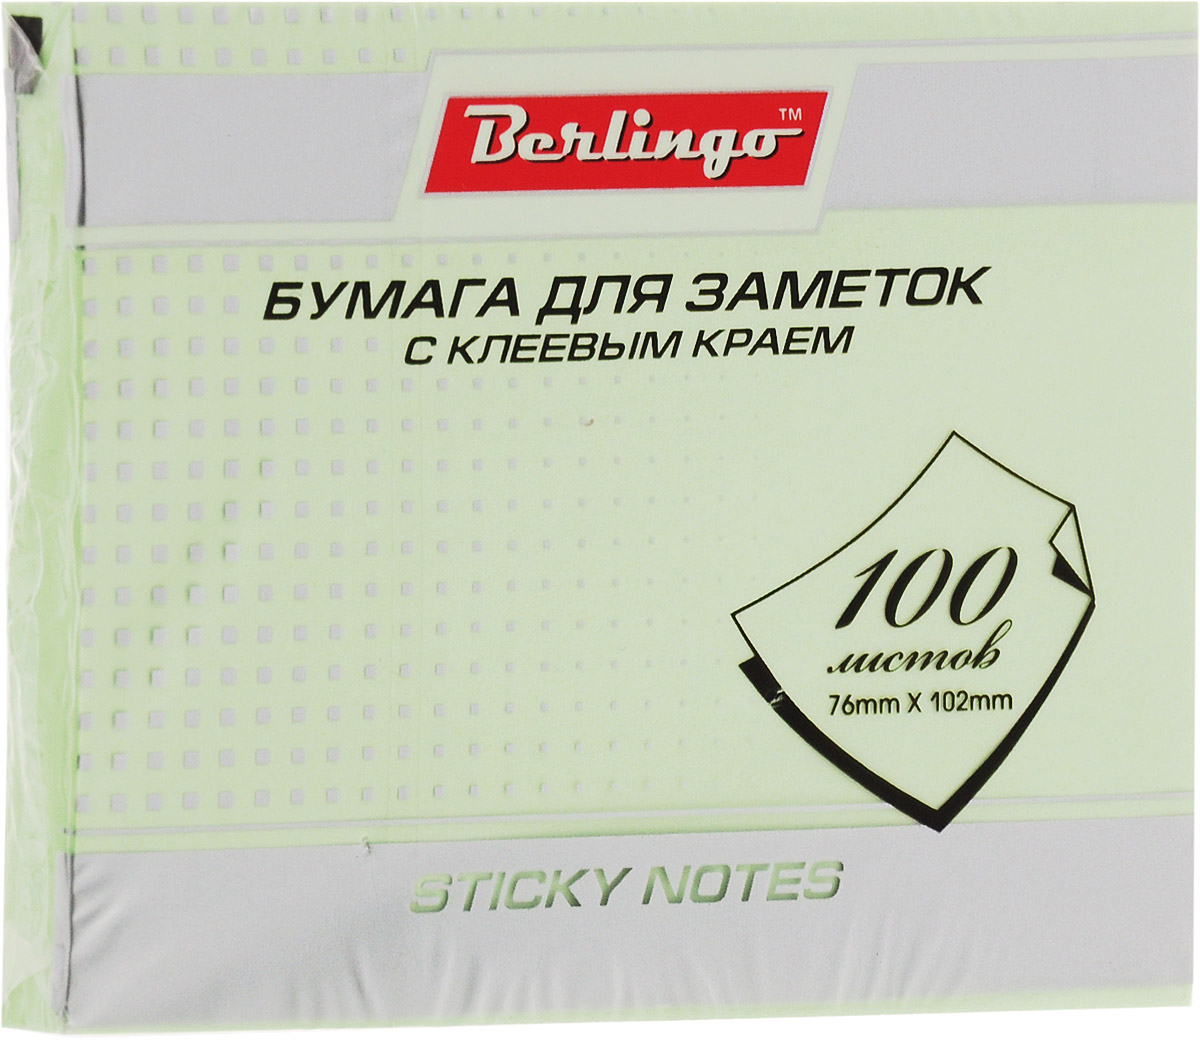 Berlingo Бумага для заметок 7,6 х 10,2 см 100 листов122695Самоклеящаяся бумага для заметок Berlingo оснащена нежным зеленым цветом.Изготовлена бумага с использованием качественного клеевого состава и специальной основы, позволяющей клею полностью оставаться на отрываемом листке. Листки при отрывании не закручиваются, а качество письма остается одинаковым по всей площади листка.Такая бумага отлично подходит для крепления на любой поверхности. Легко отклеивается, не оставляя следов.